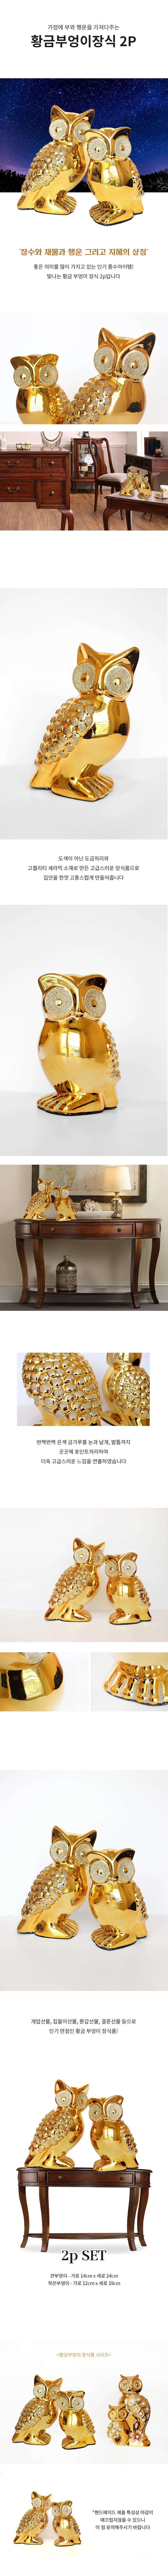 행운의 황금 부엉이 장식품 2P 풍수 인테리어 소품 - 갓샵, 50,000원, 장식소품, 기타 소품